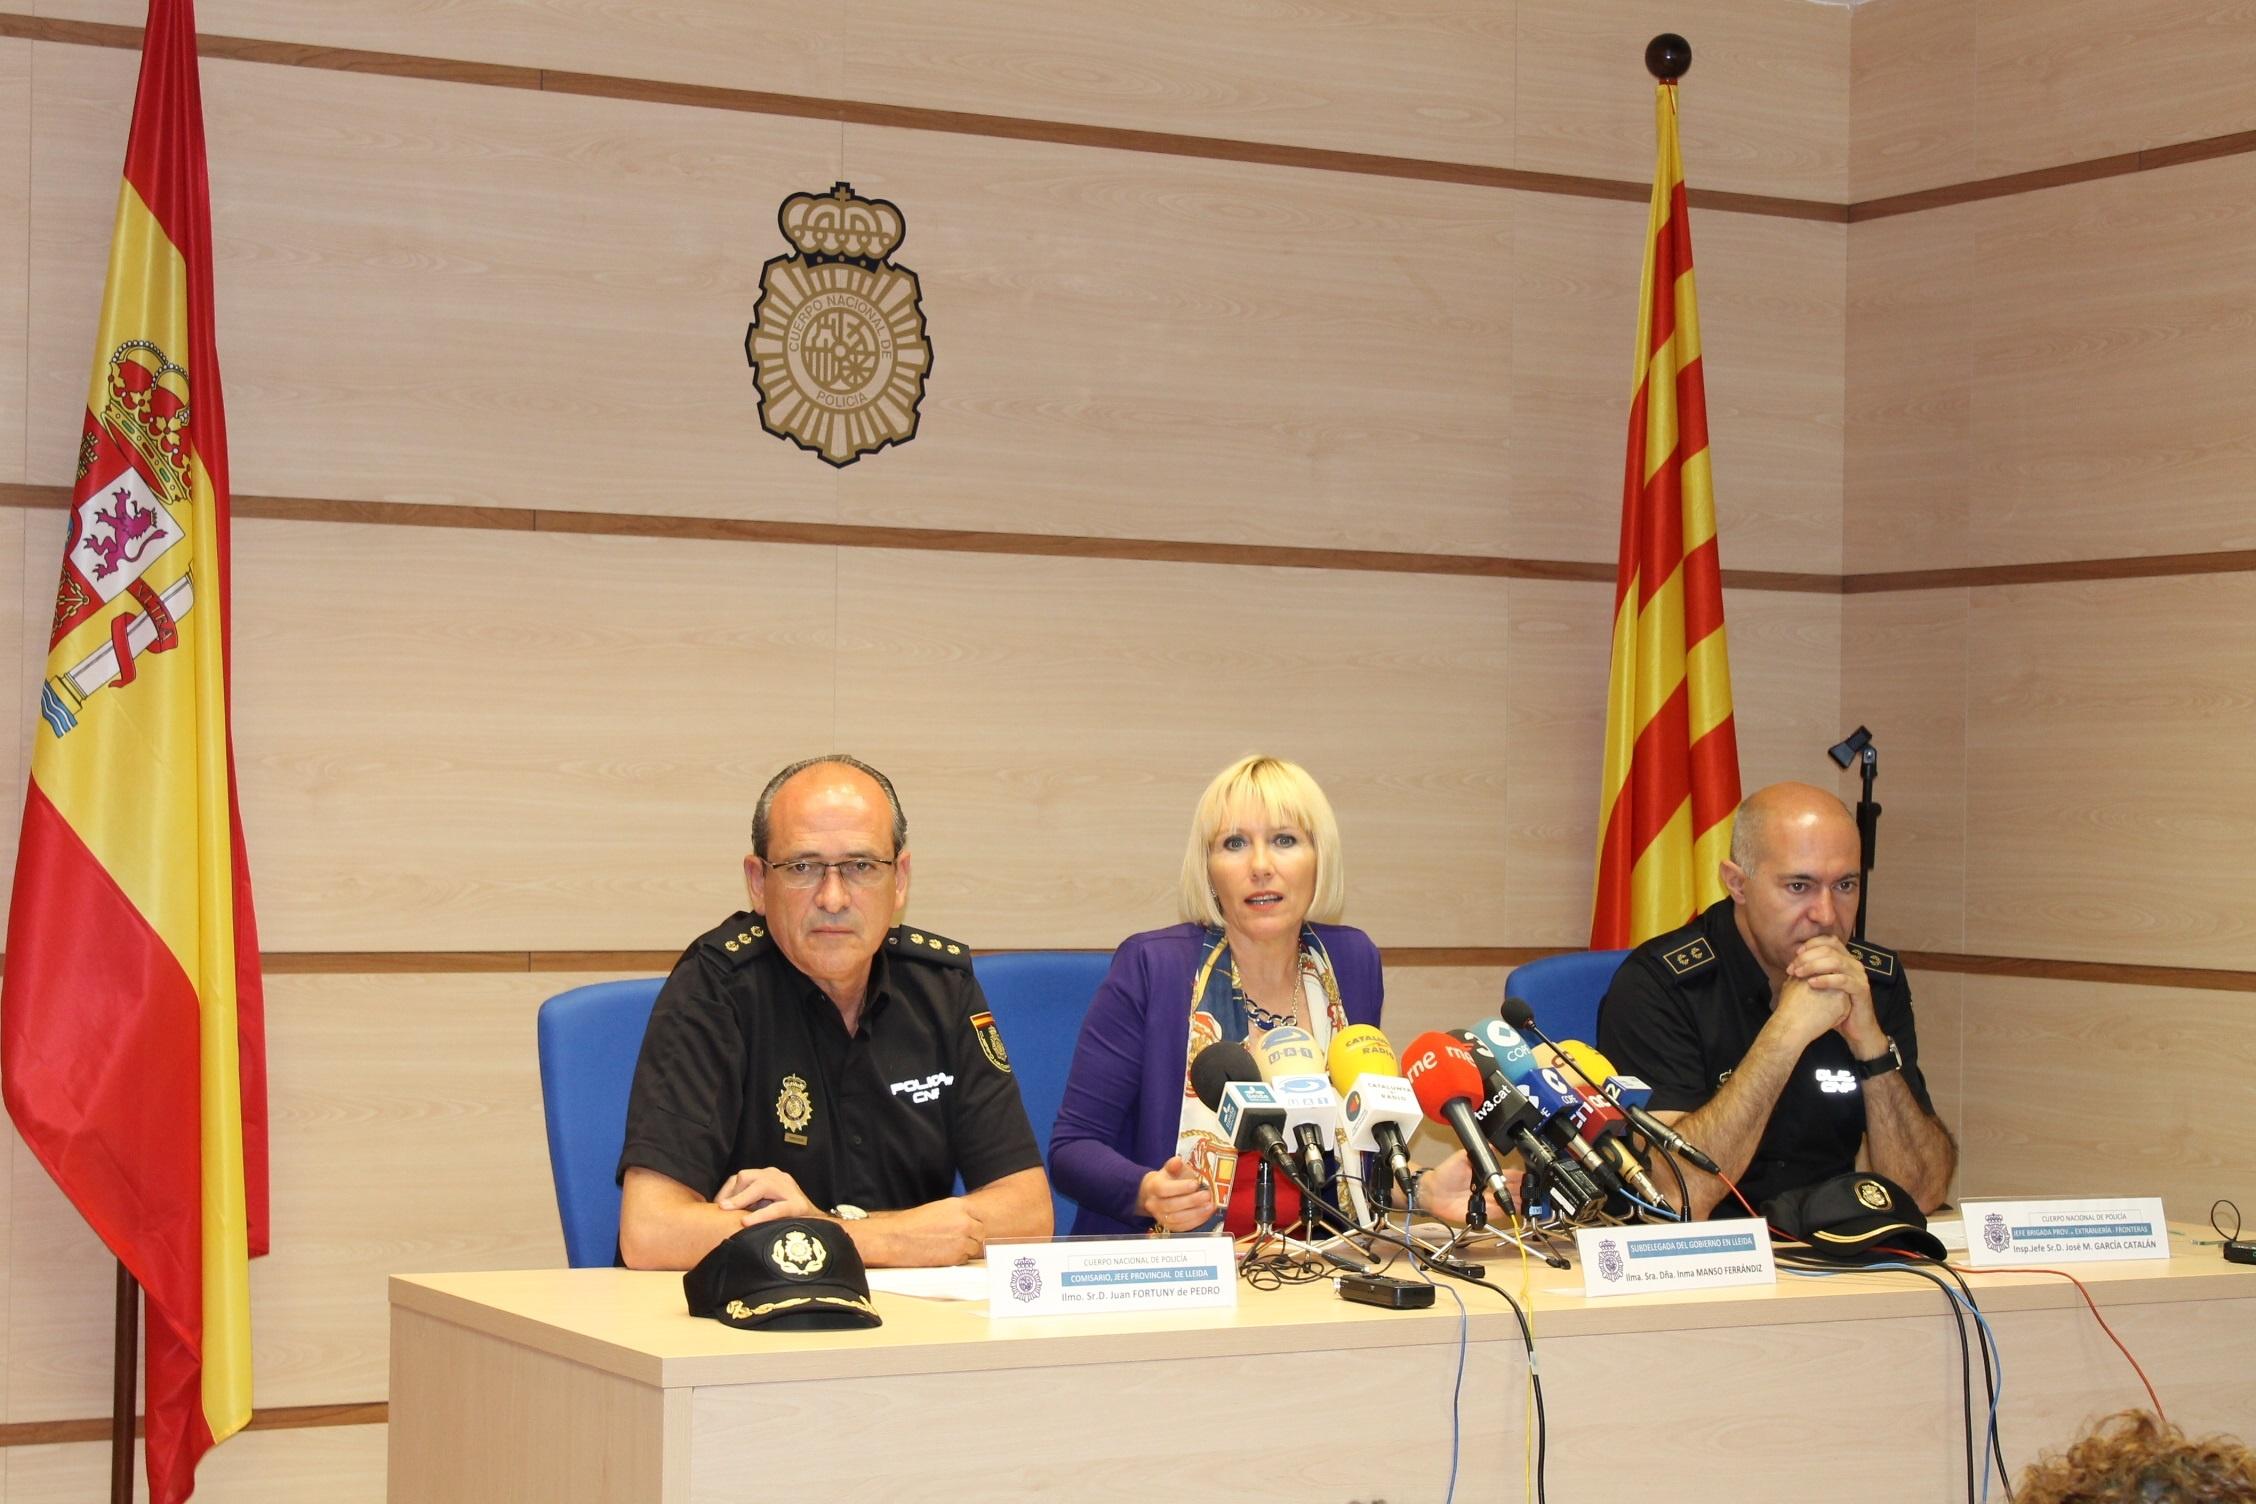 Destapan una empresa de contratos falsos en una panadería de Lleida